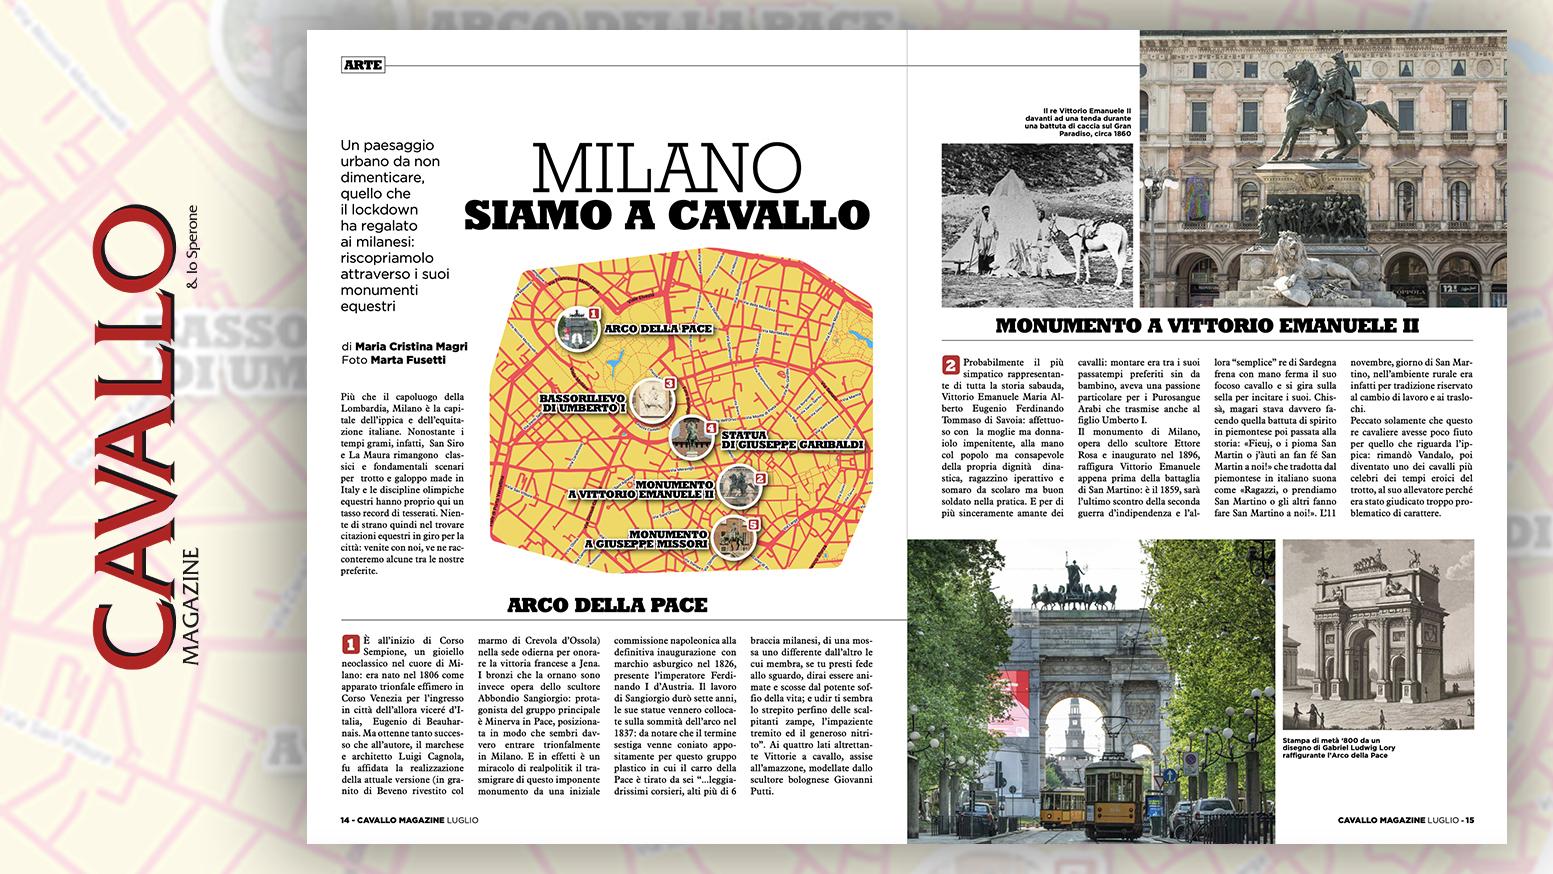 Milano, siamo a cavallo. Un paesaggio urbano da non dimenticare quello che il lockdown ha regalato ai milanesi: riscopriamolo attraverso i suoi monumenti equestri